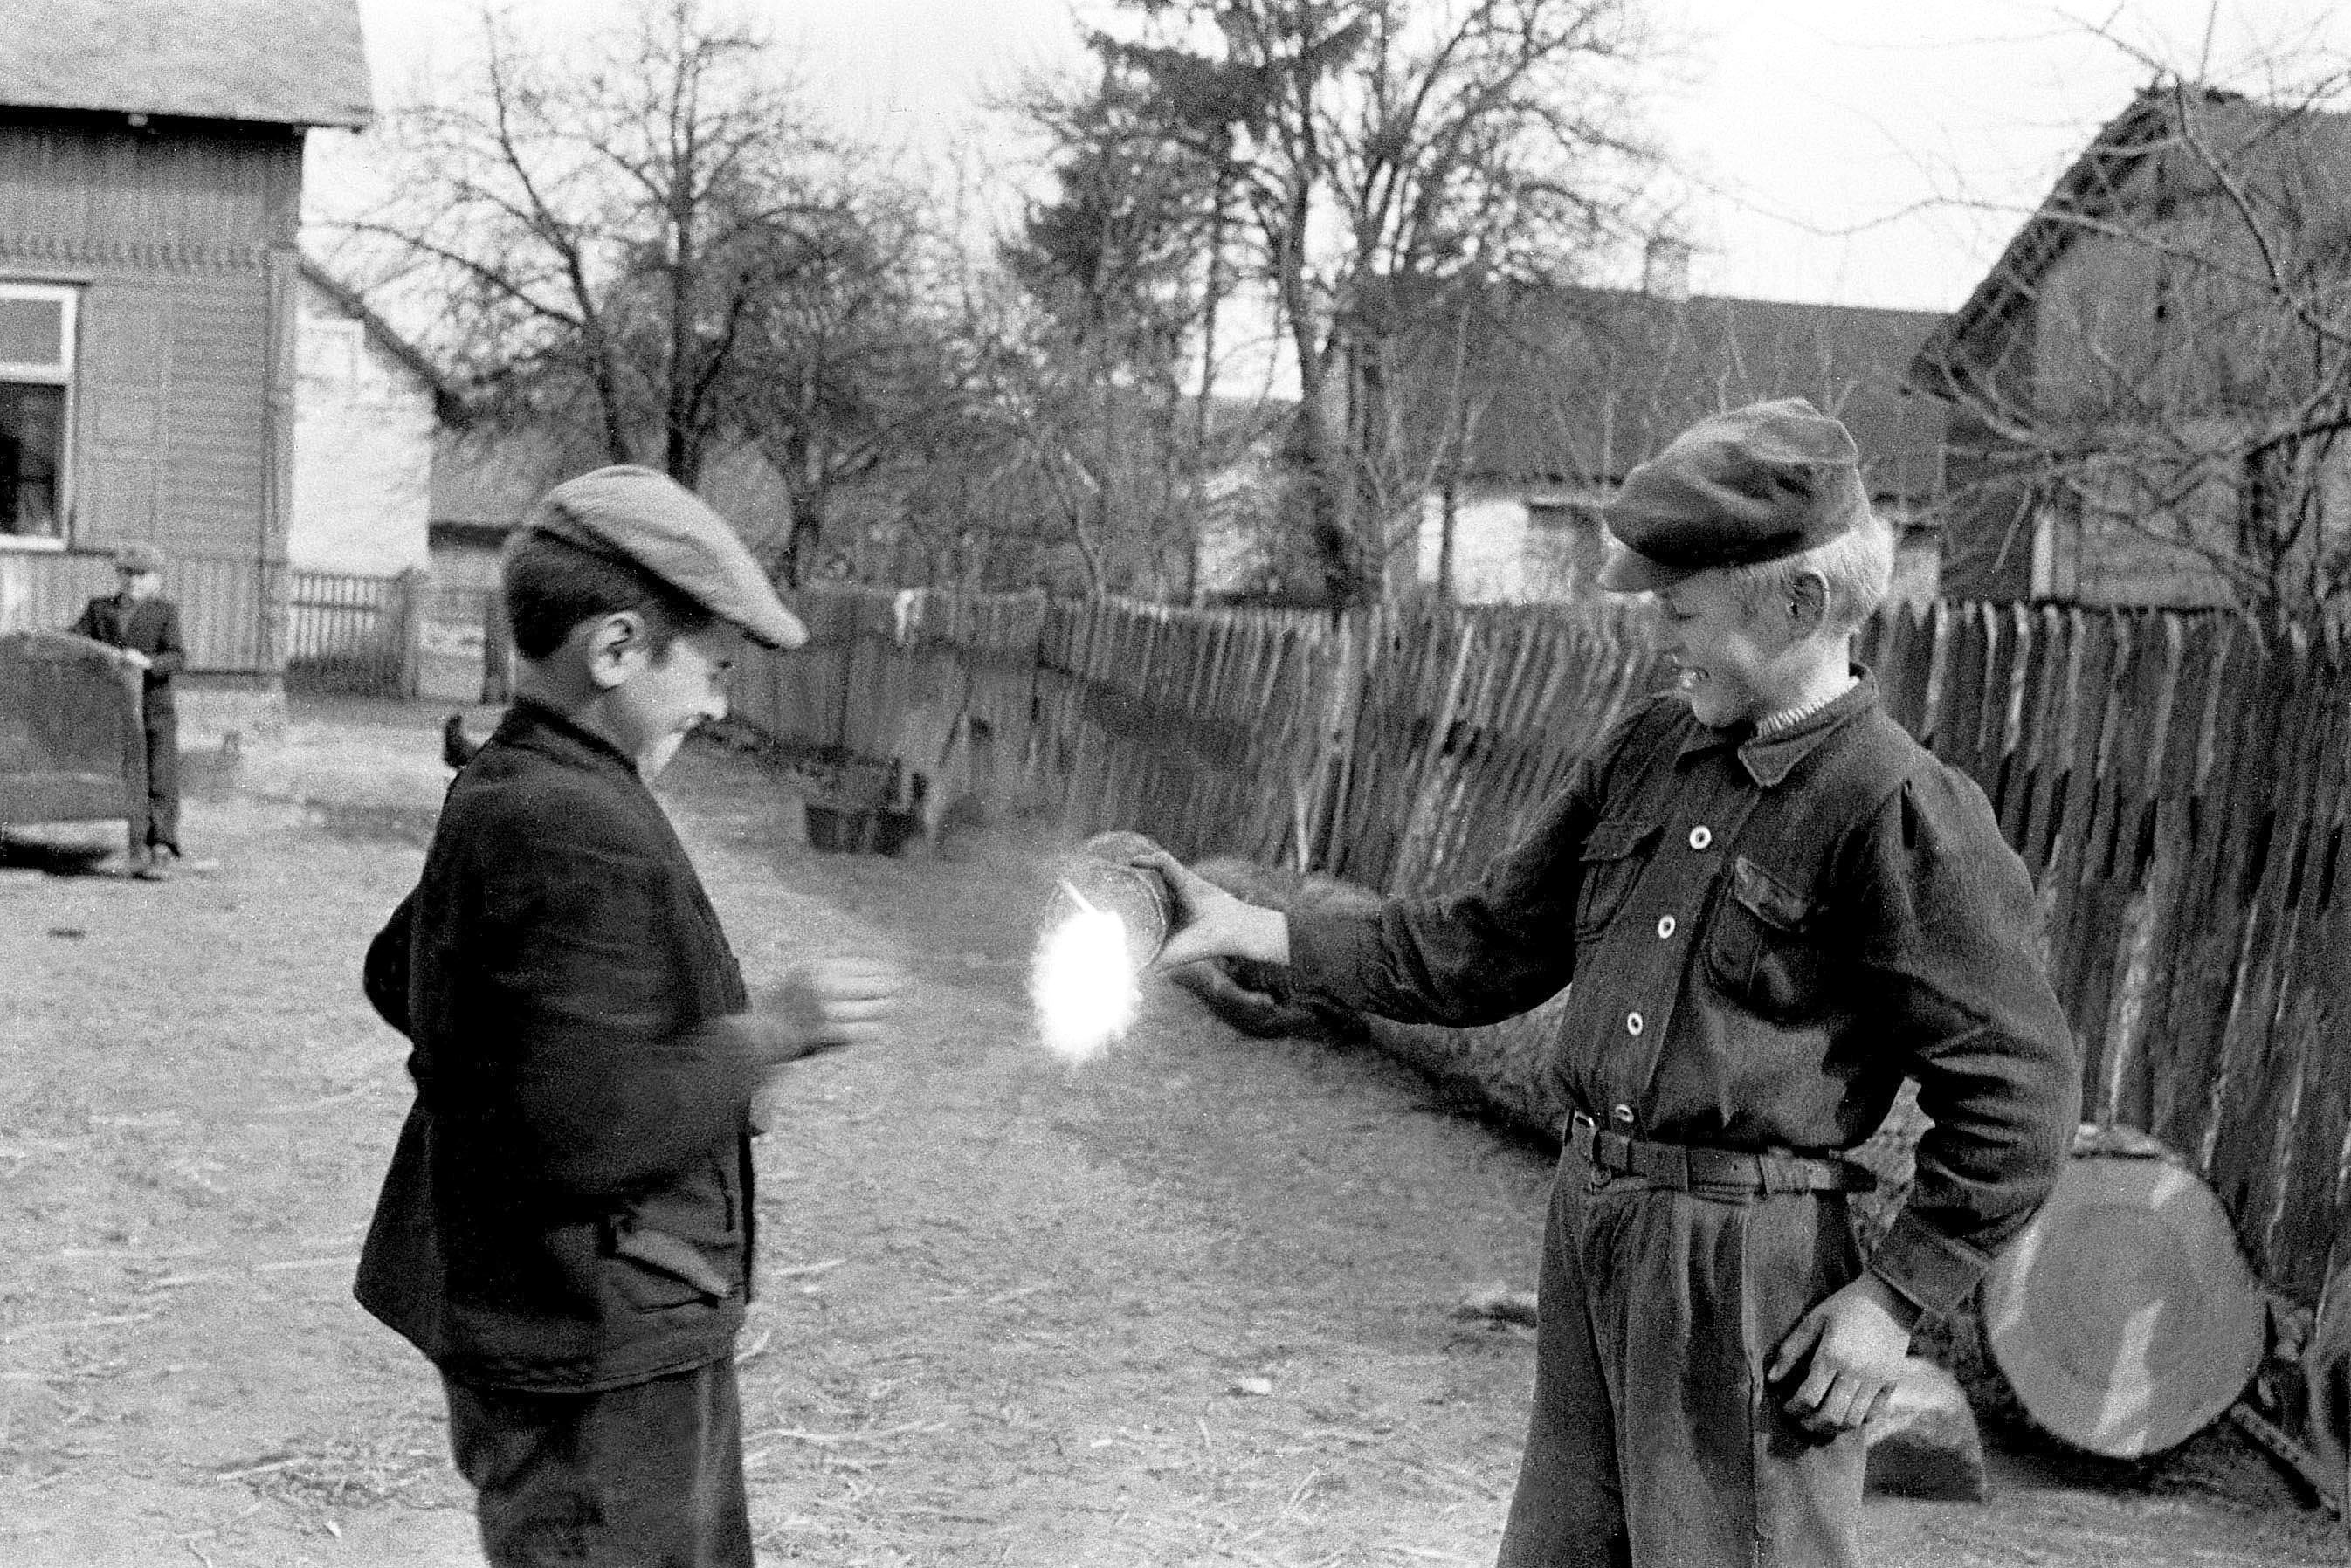 Gocław, powiat Garwolin, 25.03.1959. Zabawy wiejskich dzieci, które rozkręcają pociski armatnie, by wydobyć proch, który pali się w ich rękach pięknym płomieniem. Fot. Aleksander Jałosiński / FORUM